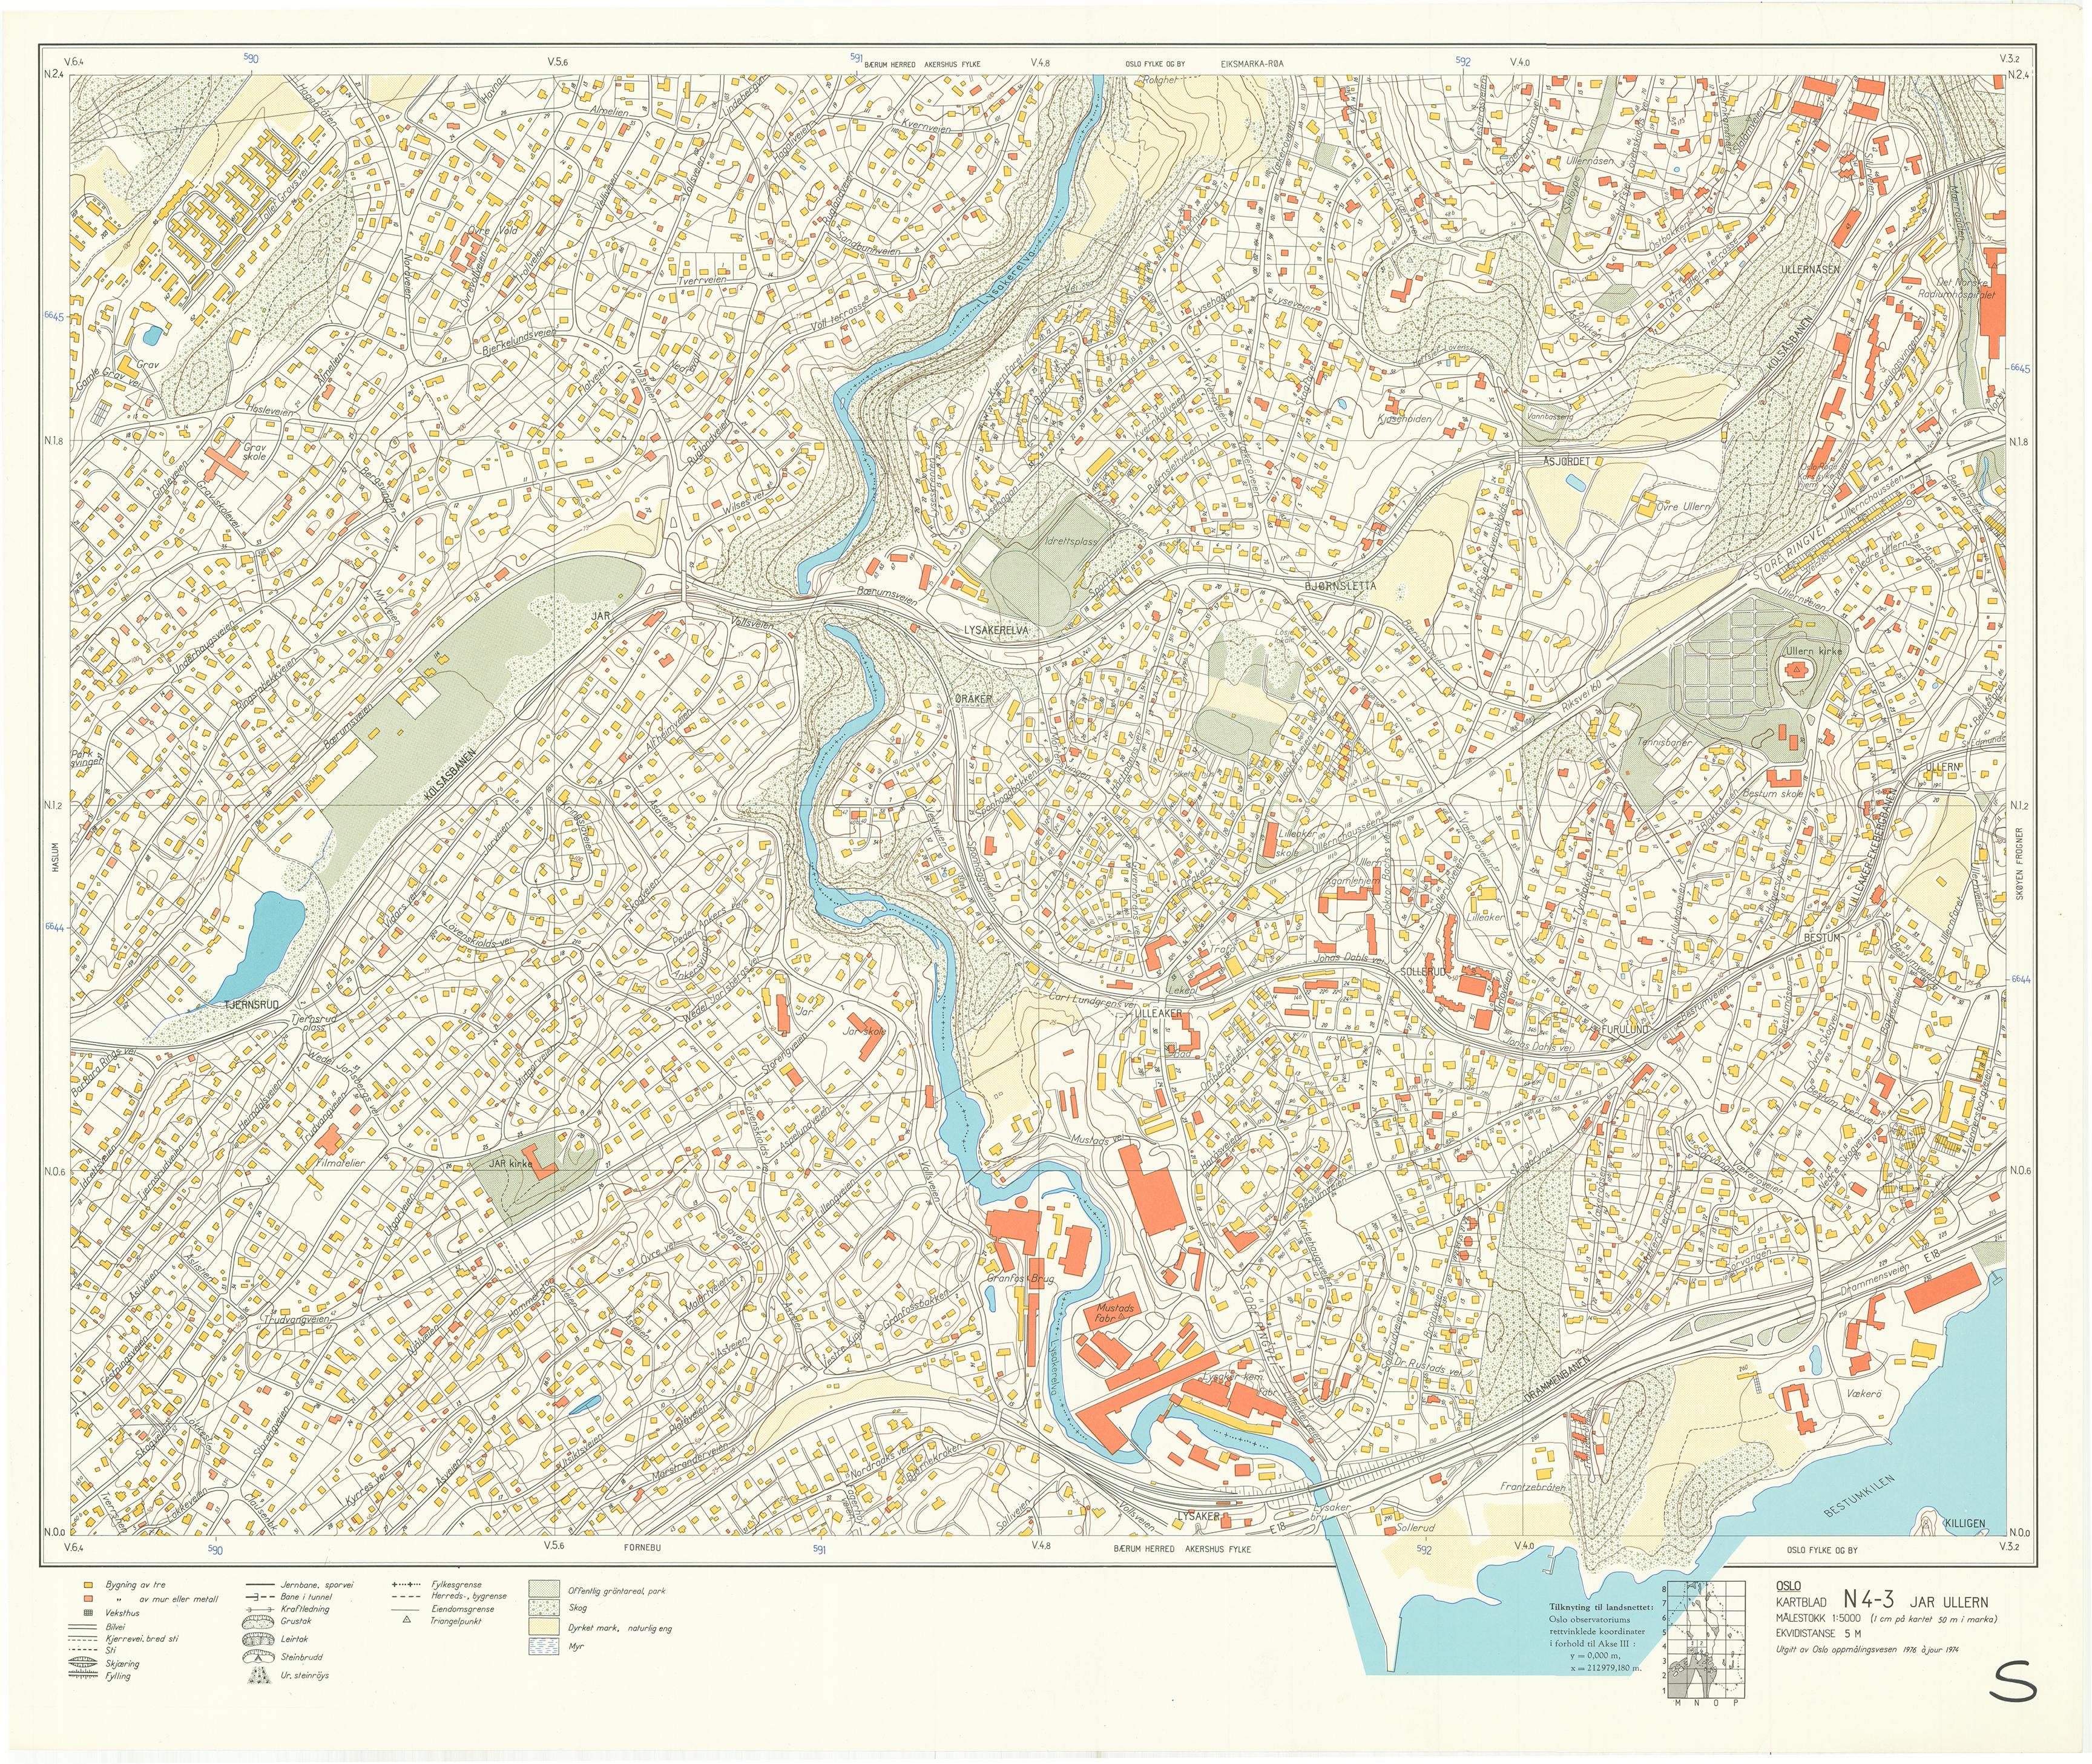 lilleaker kart Oslokart 1:5000 1942 1982 lilleaker kart